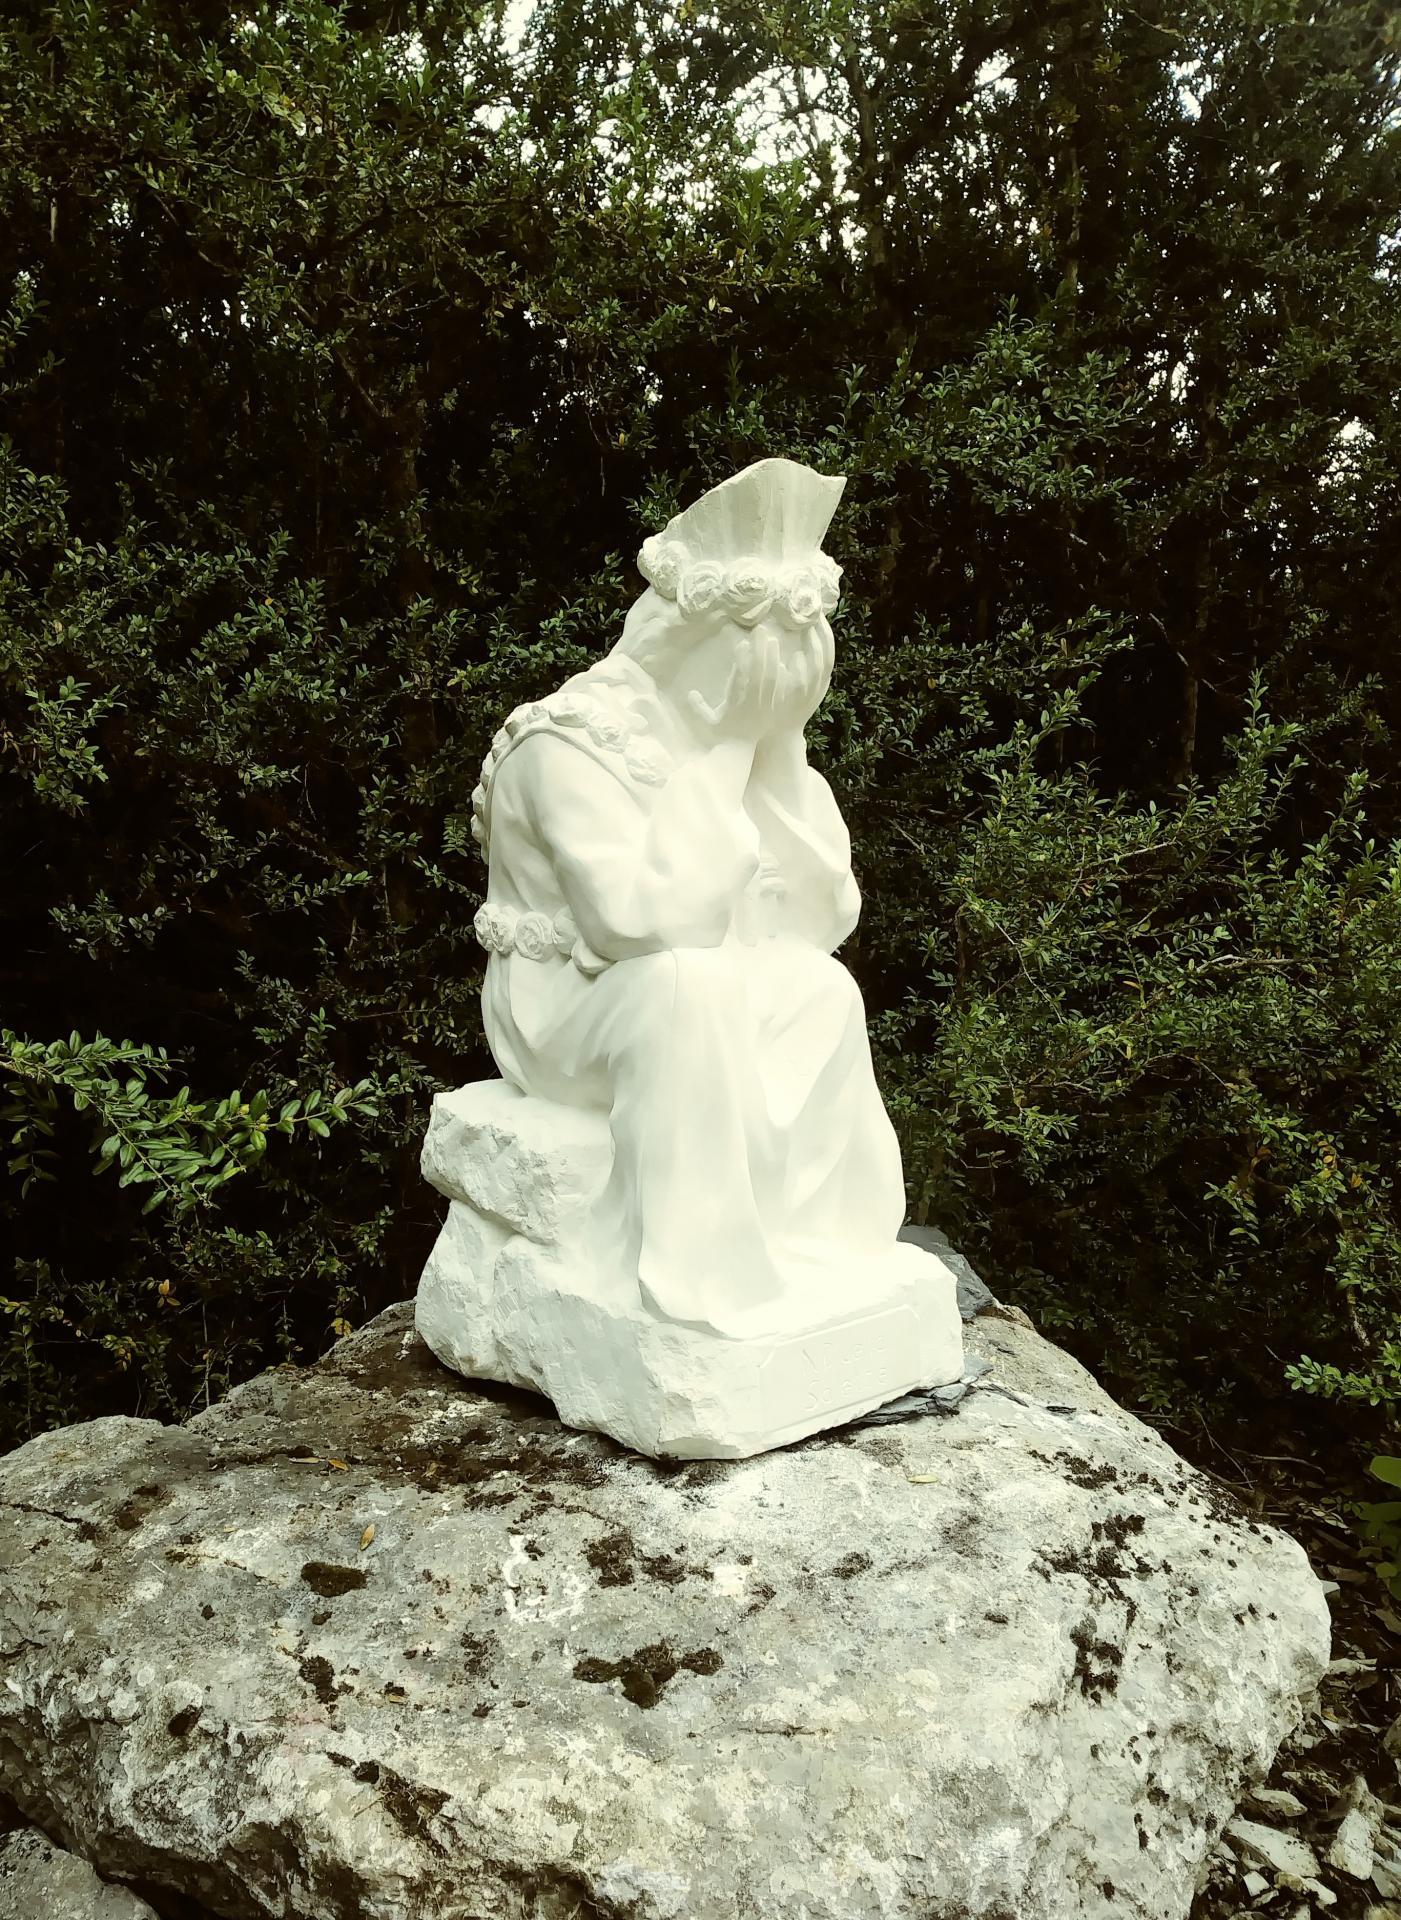 Notre dame de la salette sculpture en pierre de jean joseph chevalier 2